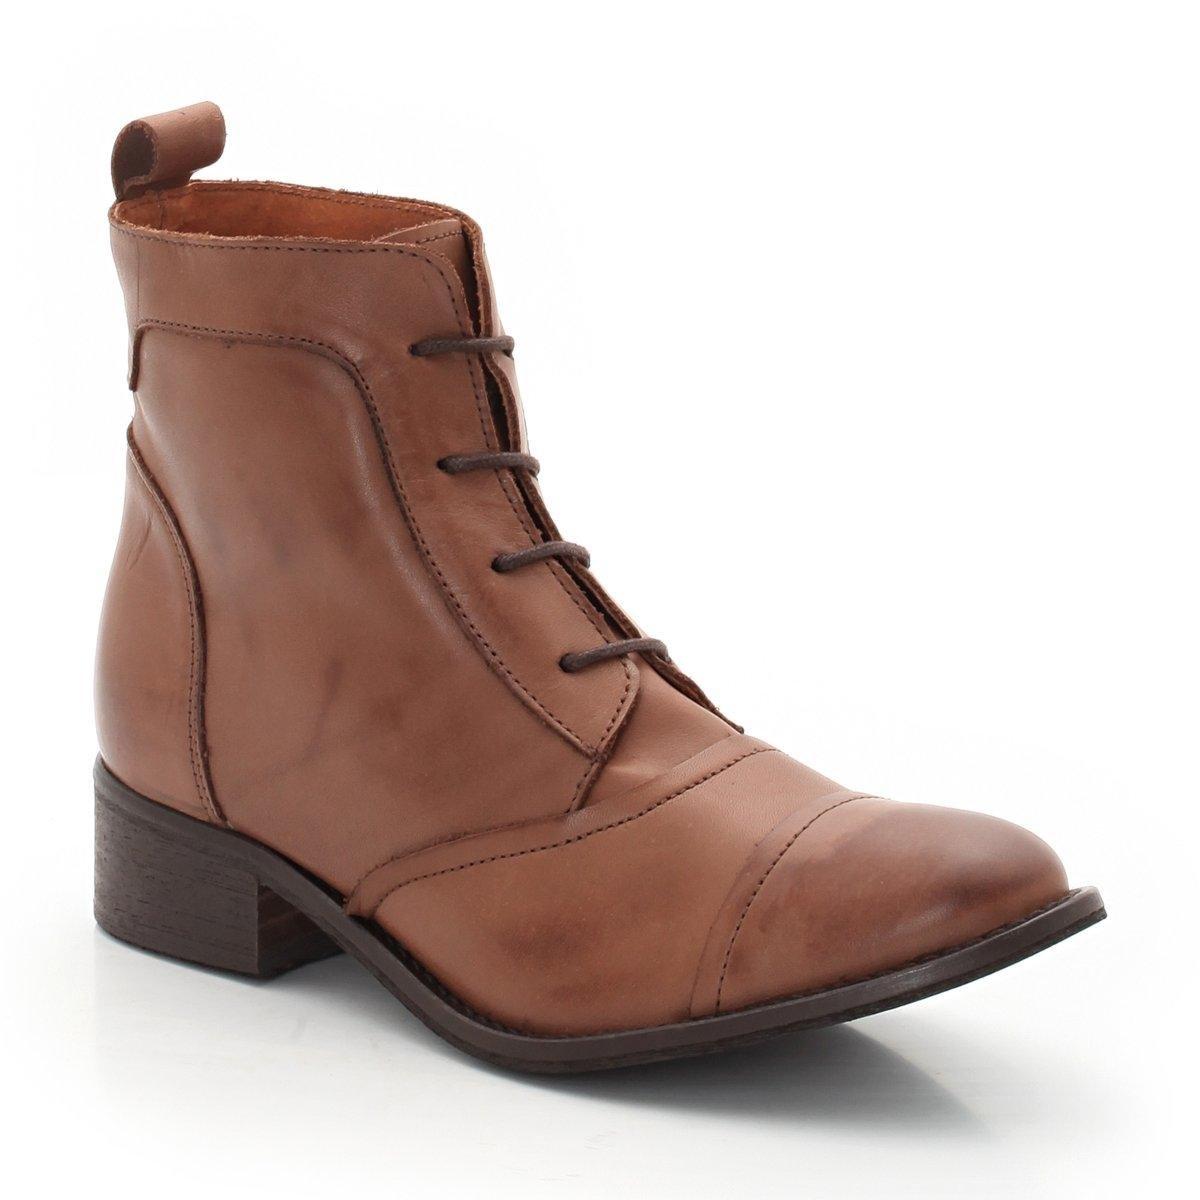 Ботинки кожаные на шнуровкеПреимущества : мягкая кожа, быстро надевать благодаря язычку сзади.<br><br>Цвет: карамель